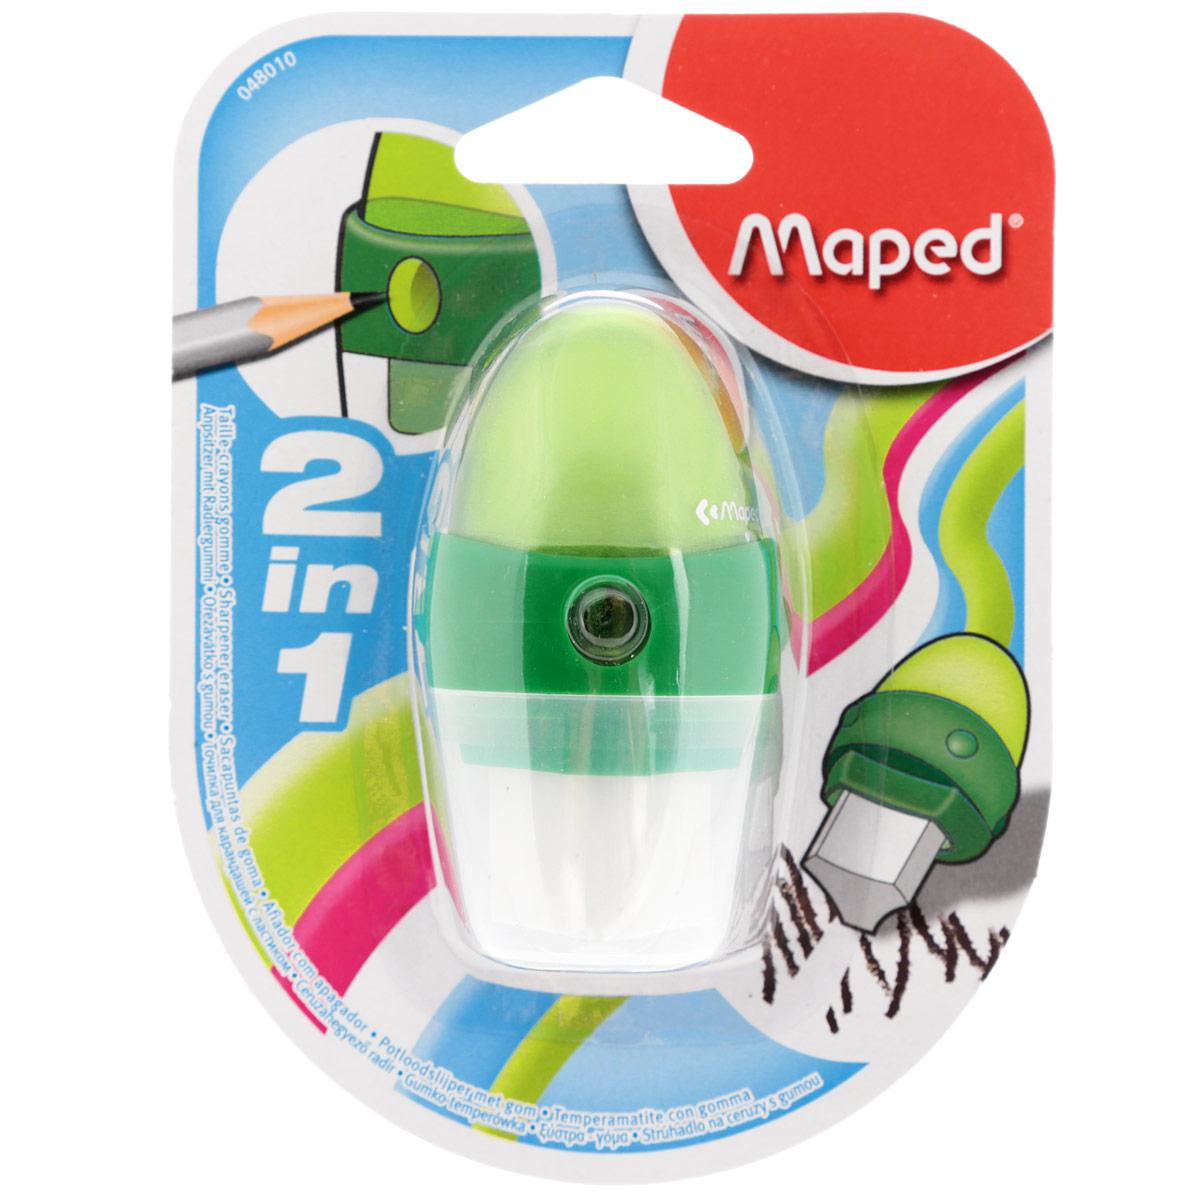 Точилка Maped Astro, с ластиком, цвет: зеленый48010_зеленыйУдобная точилка в пластиковом корпусе с крышкой Maped предназначена для затачивания карандашей. Острое стальное лезвие обеспечивает высококачественную и точную заточку. Карандаш затачивается легко и аккуратно, а опилки после заточки остаются в специальном контейнере.Точилка снабжена ластиком, закрывающимся колпачком.